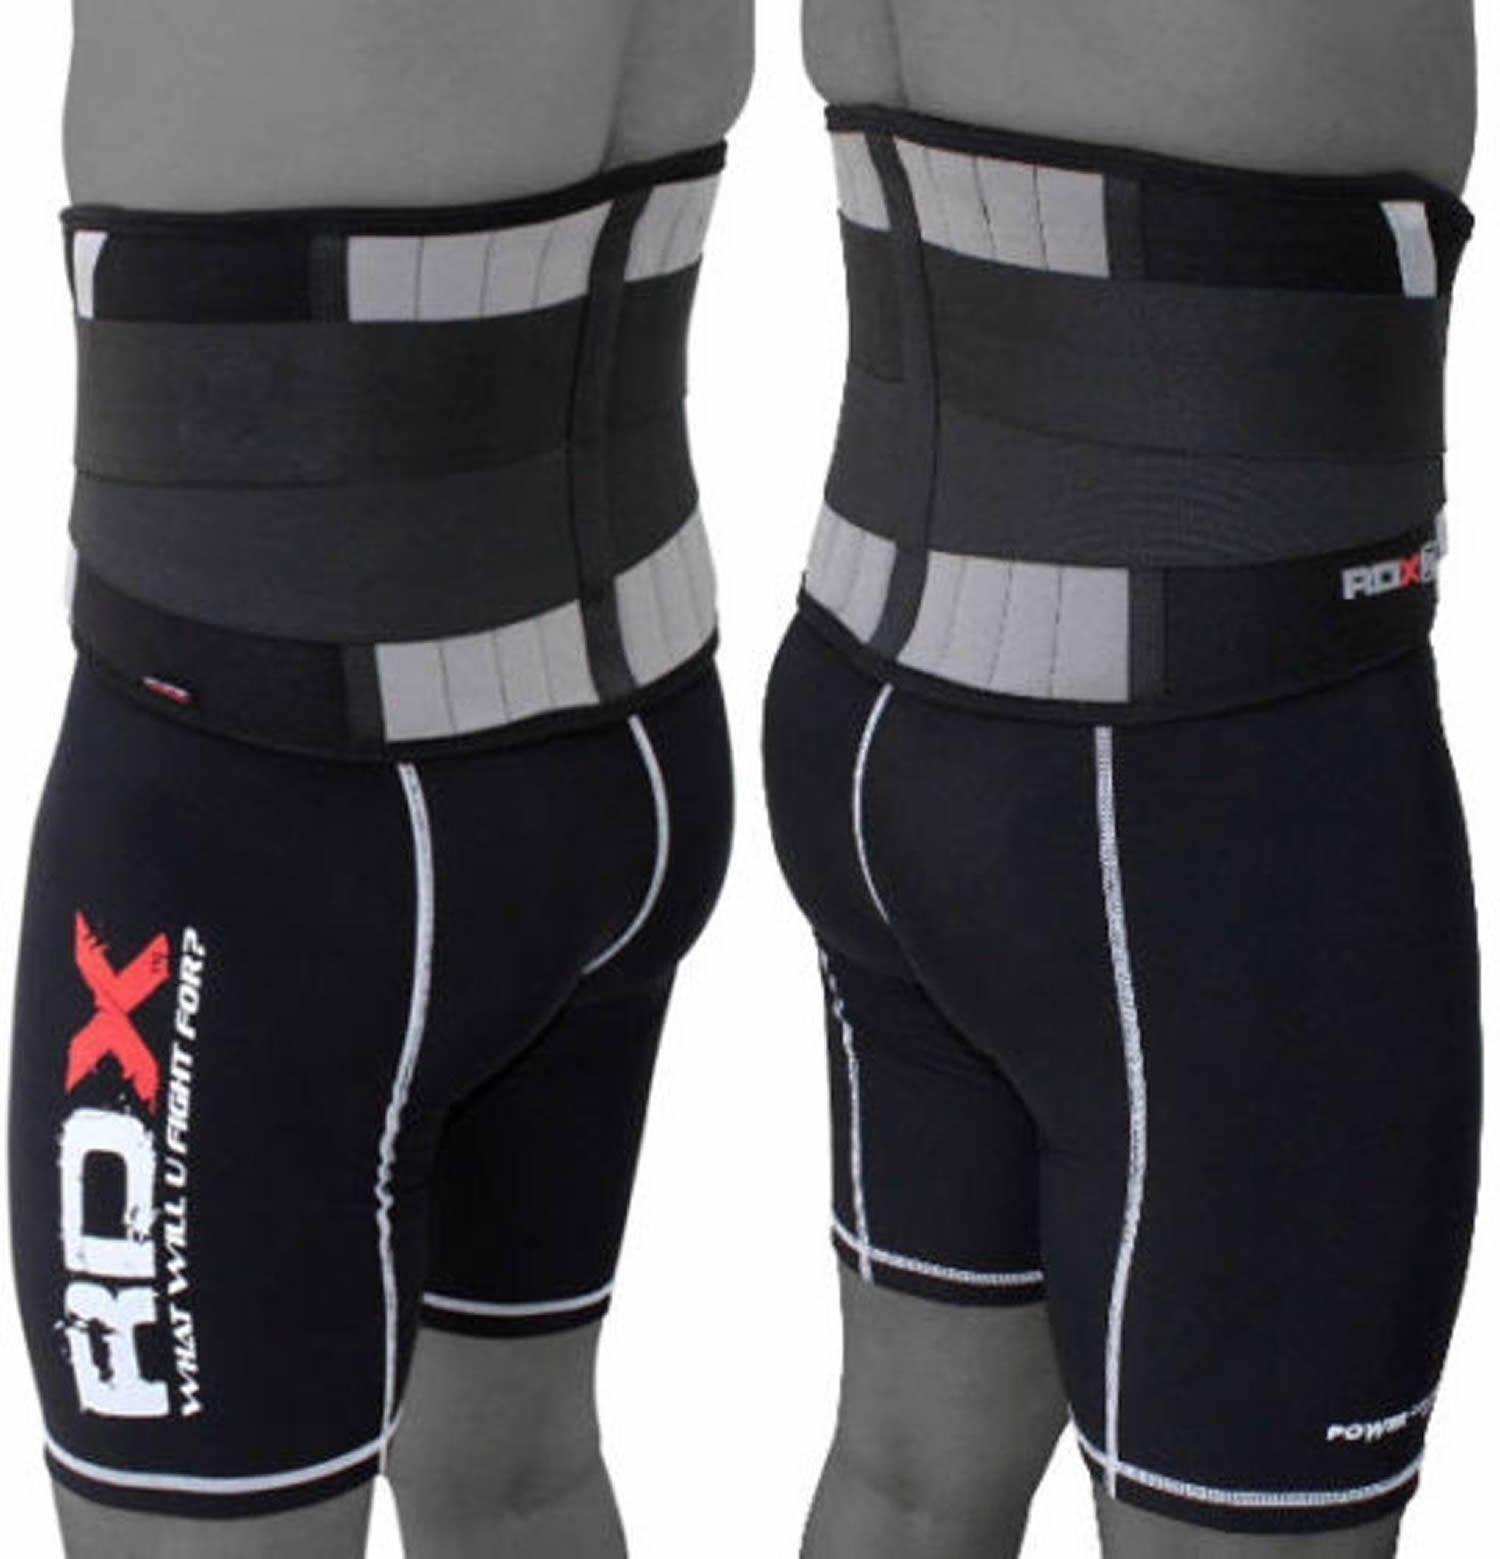 RDX Cintura Lombare Neoprene Sollevamento Pesi Pesistica Fitness Allenamento Bodybuilding Schiena Pa